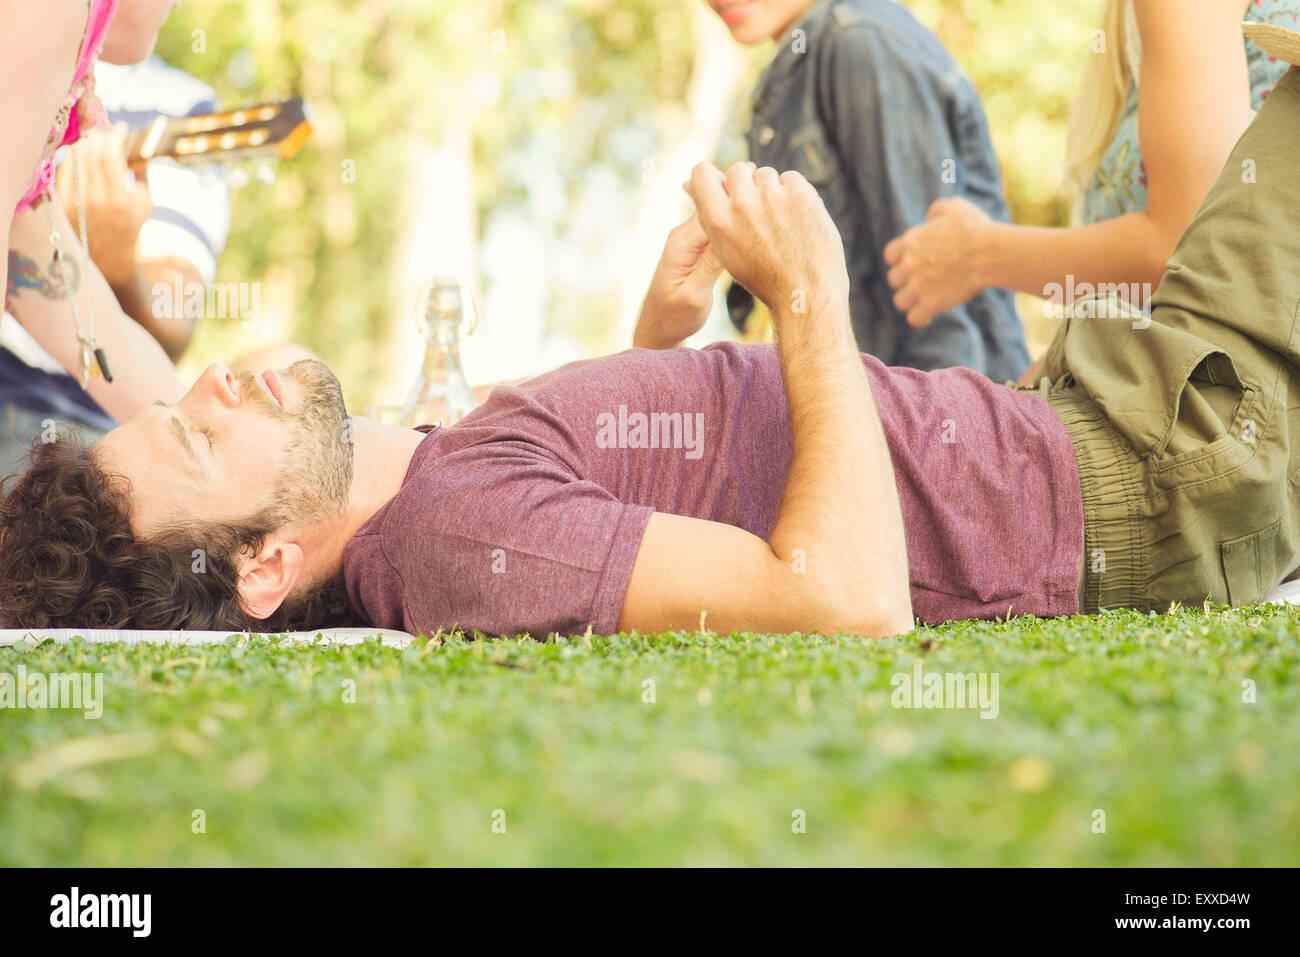 Uomo a sonnecchiare al picnic Immagini Stock